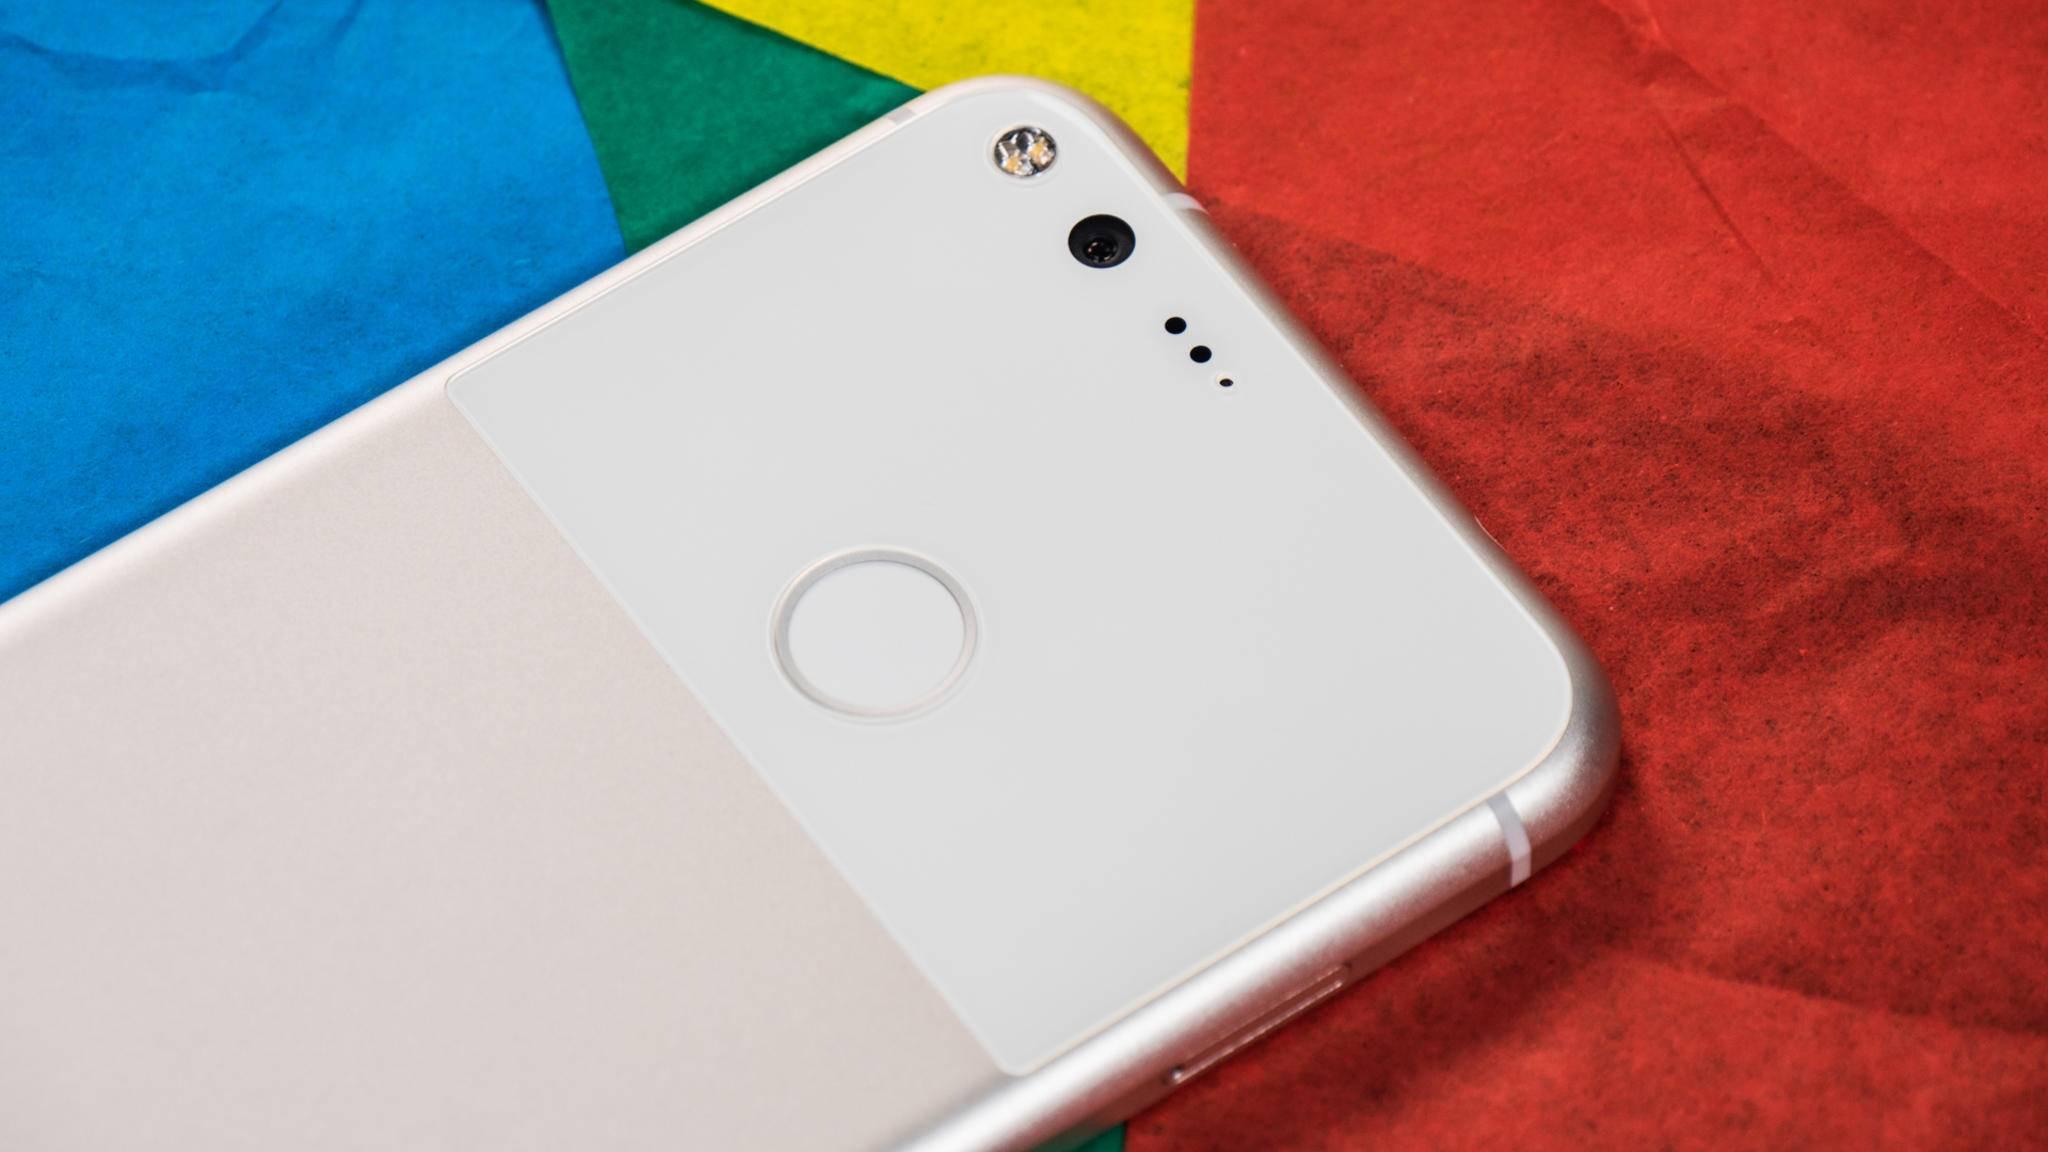 Das Google Pixel konnte auch dank seiner großartigen Kamera überzeugen.